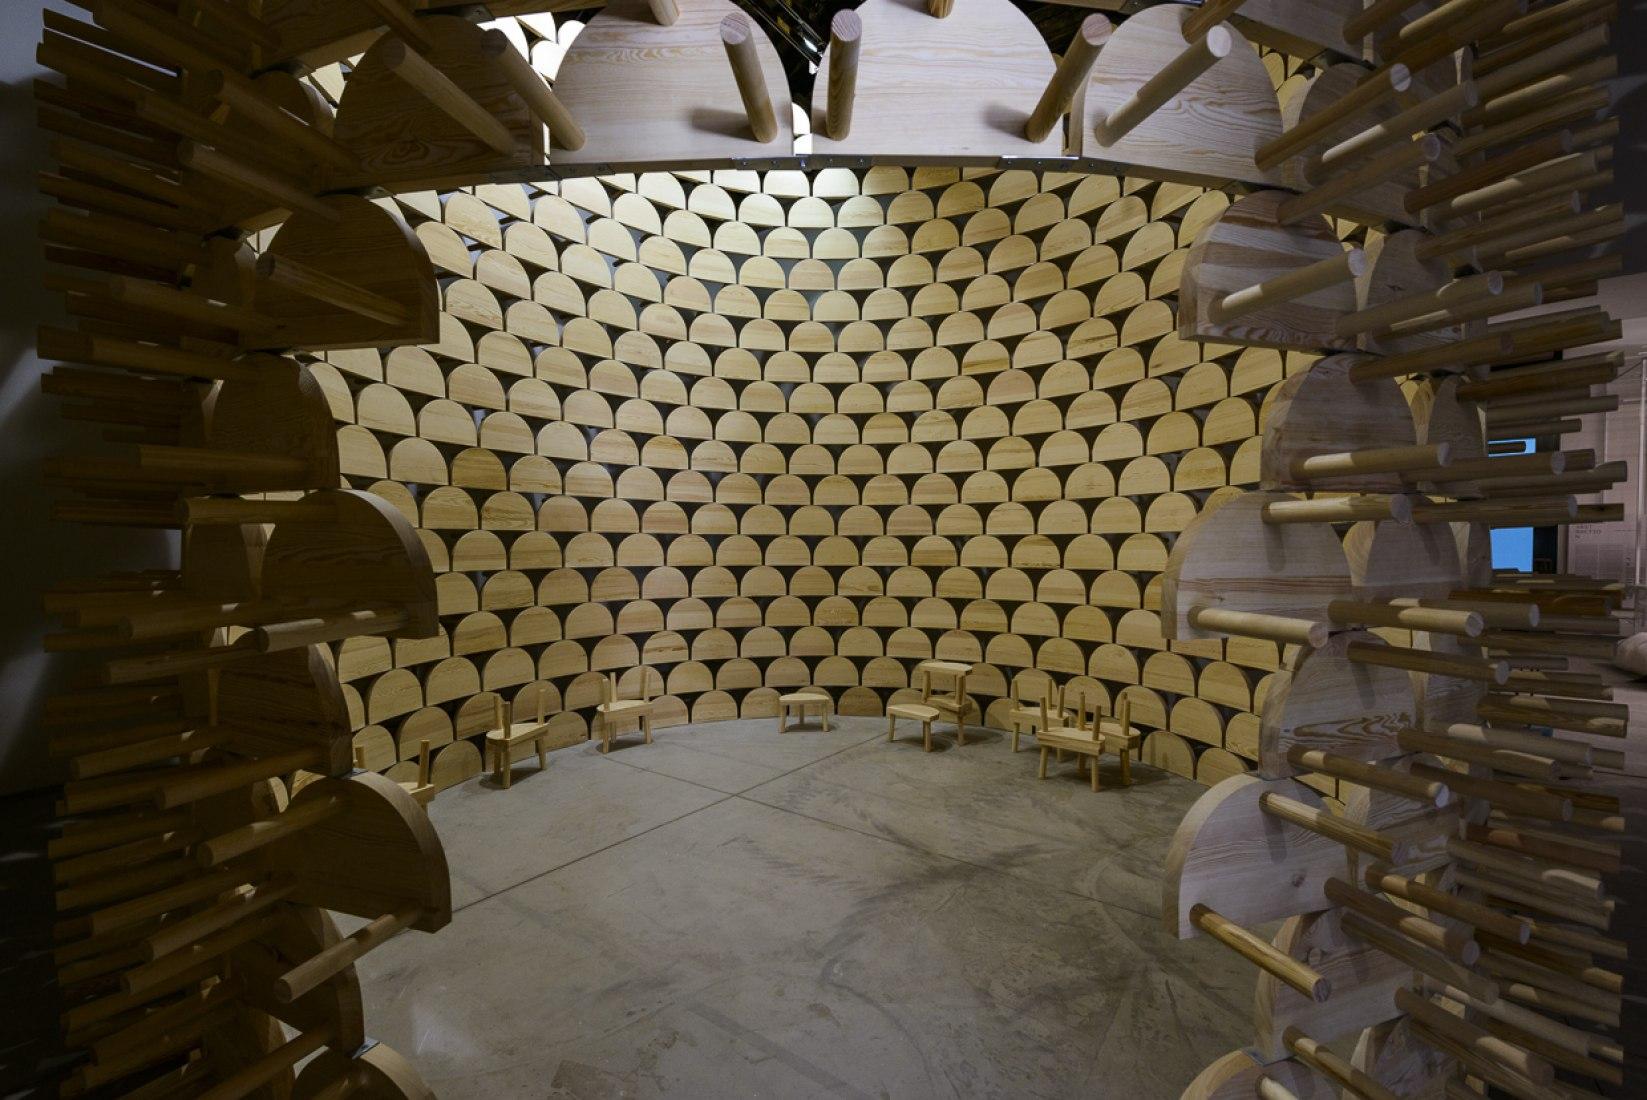 KOSOVO, República de visibilidad (modernidad impuesta). Fotografía © Andrea Avezzù. Cortesía de la Biennale di Venezia.